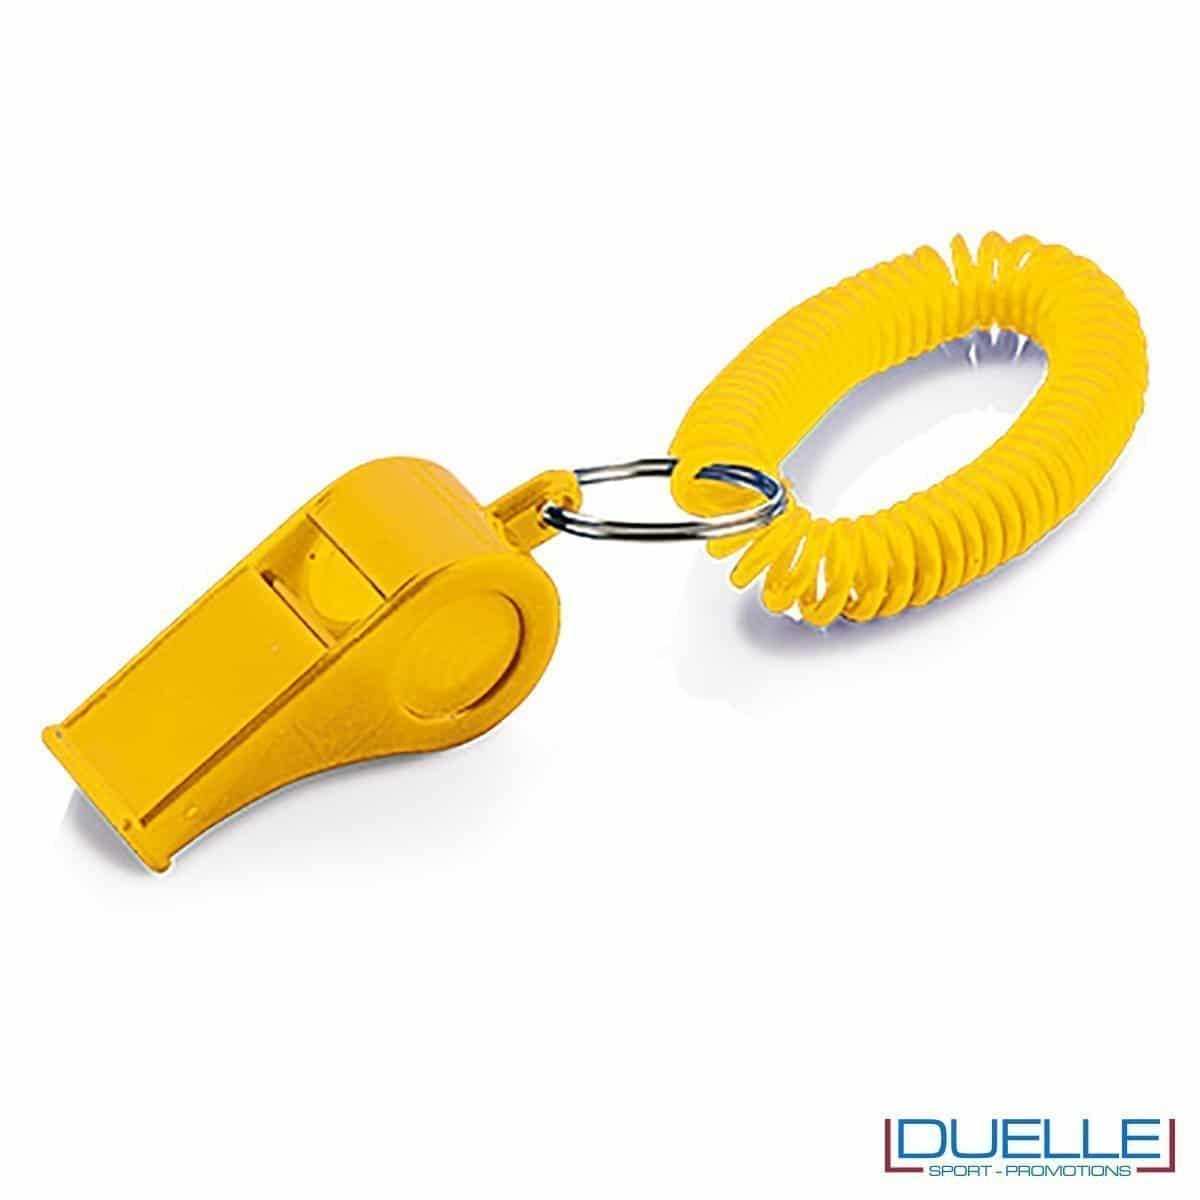 fischietto personalizzato giallo con bracciale a molla - gadget per feste e tifo